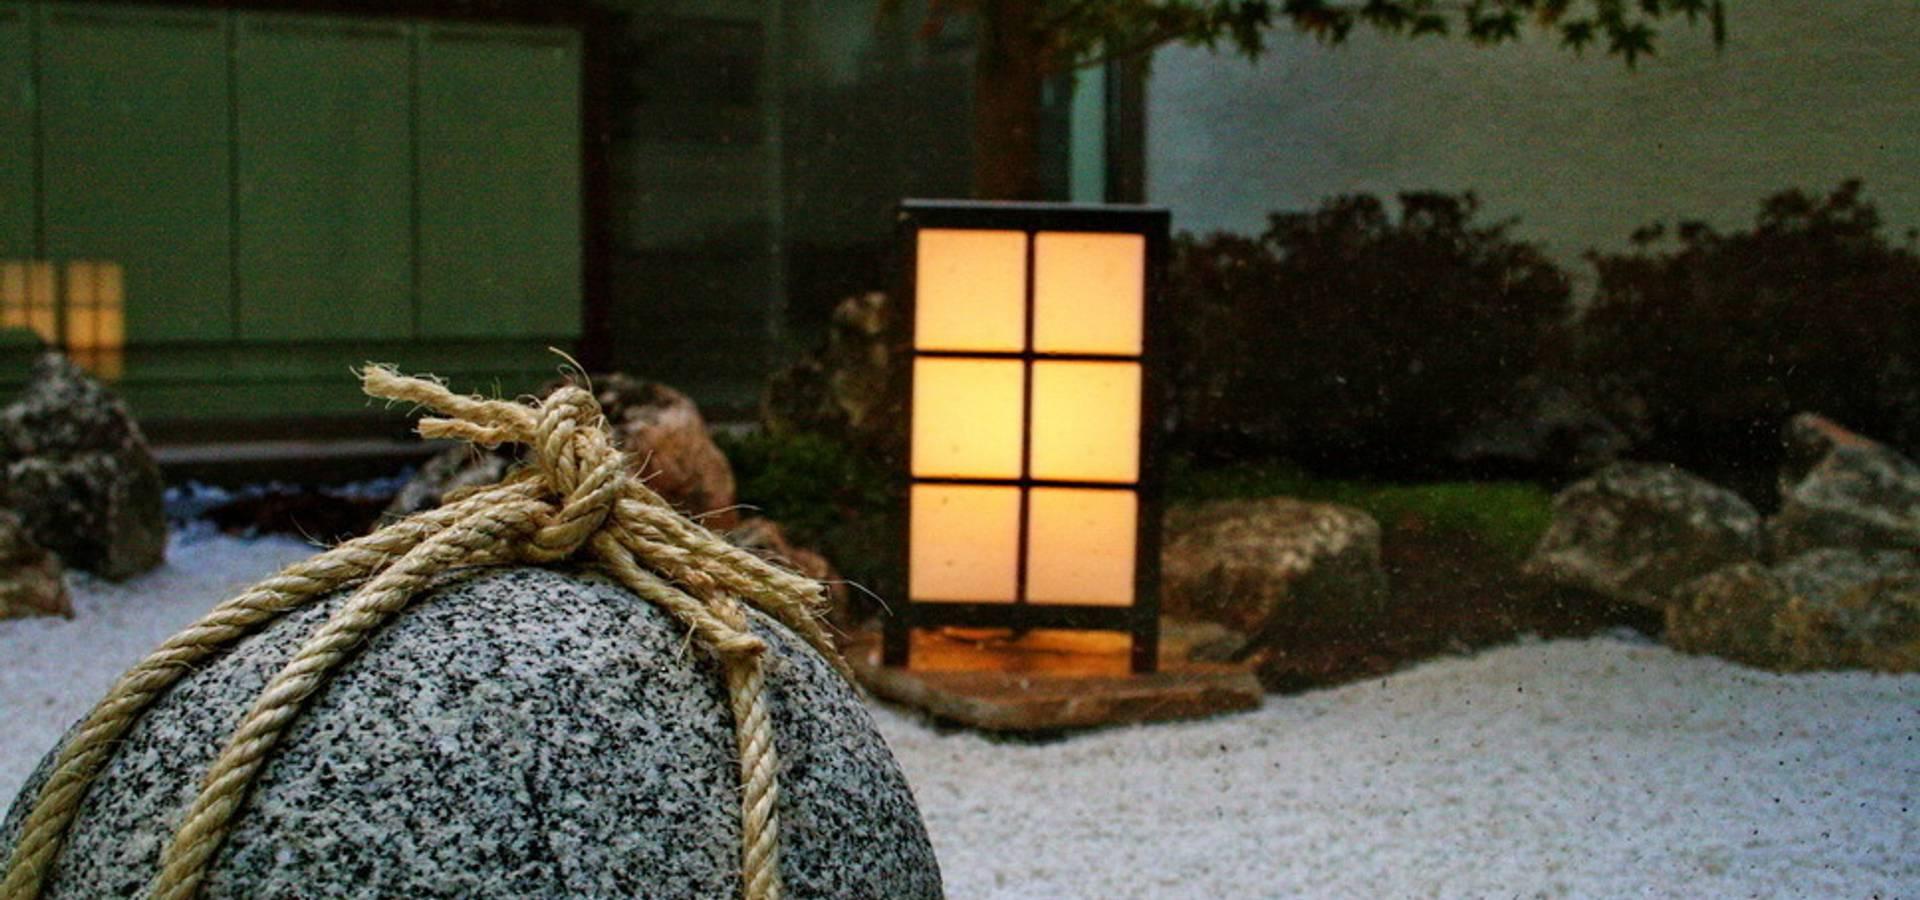 Jardin zen moderno de jardines japoneses estudio de - Fotos jardines japoneses ...